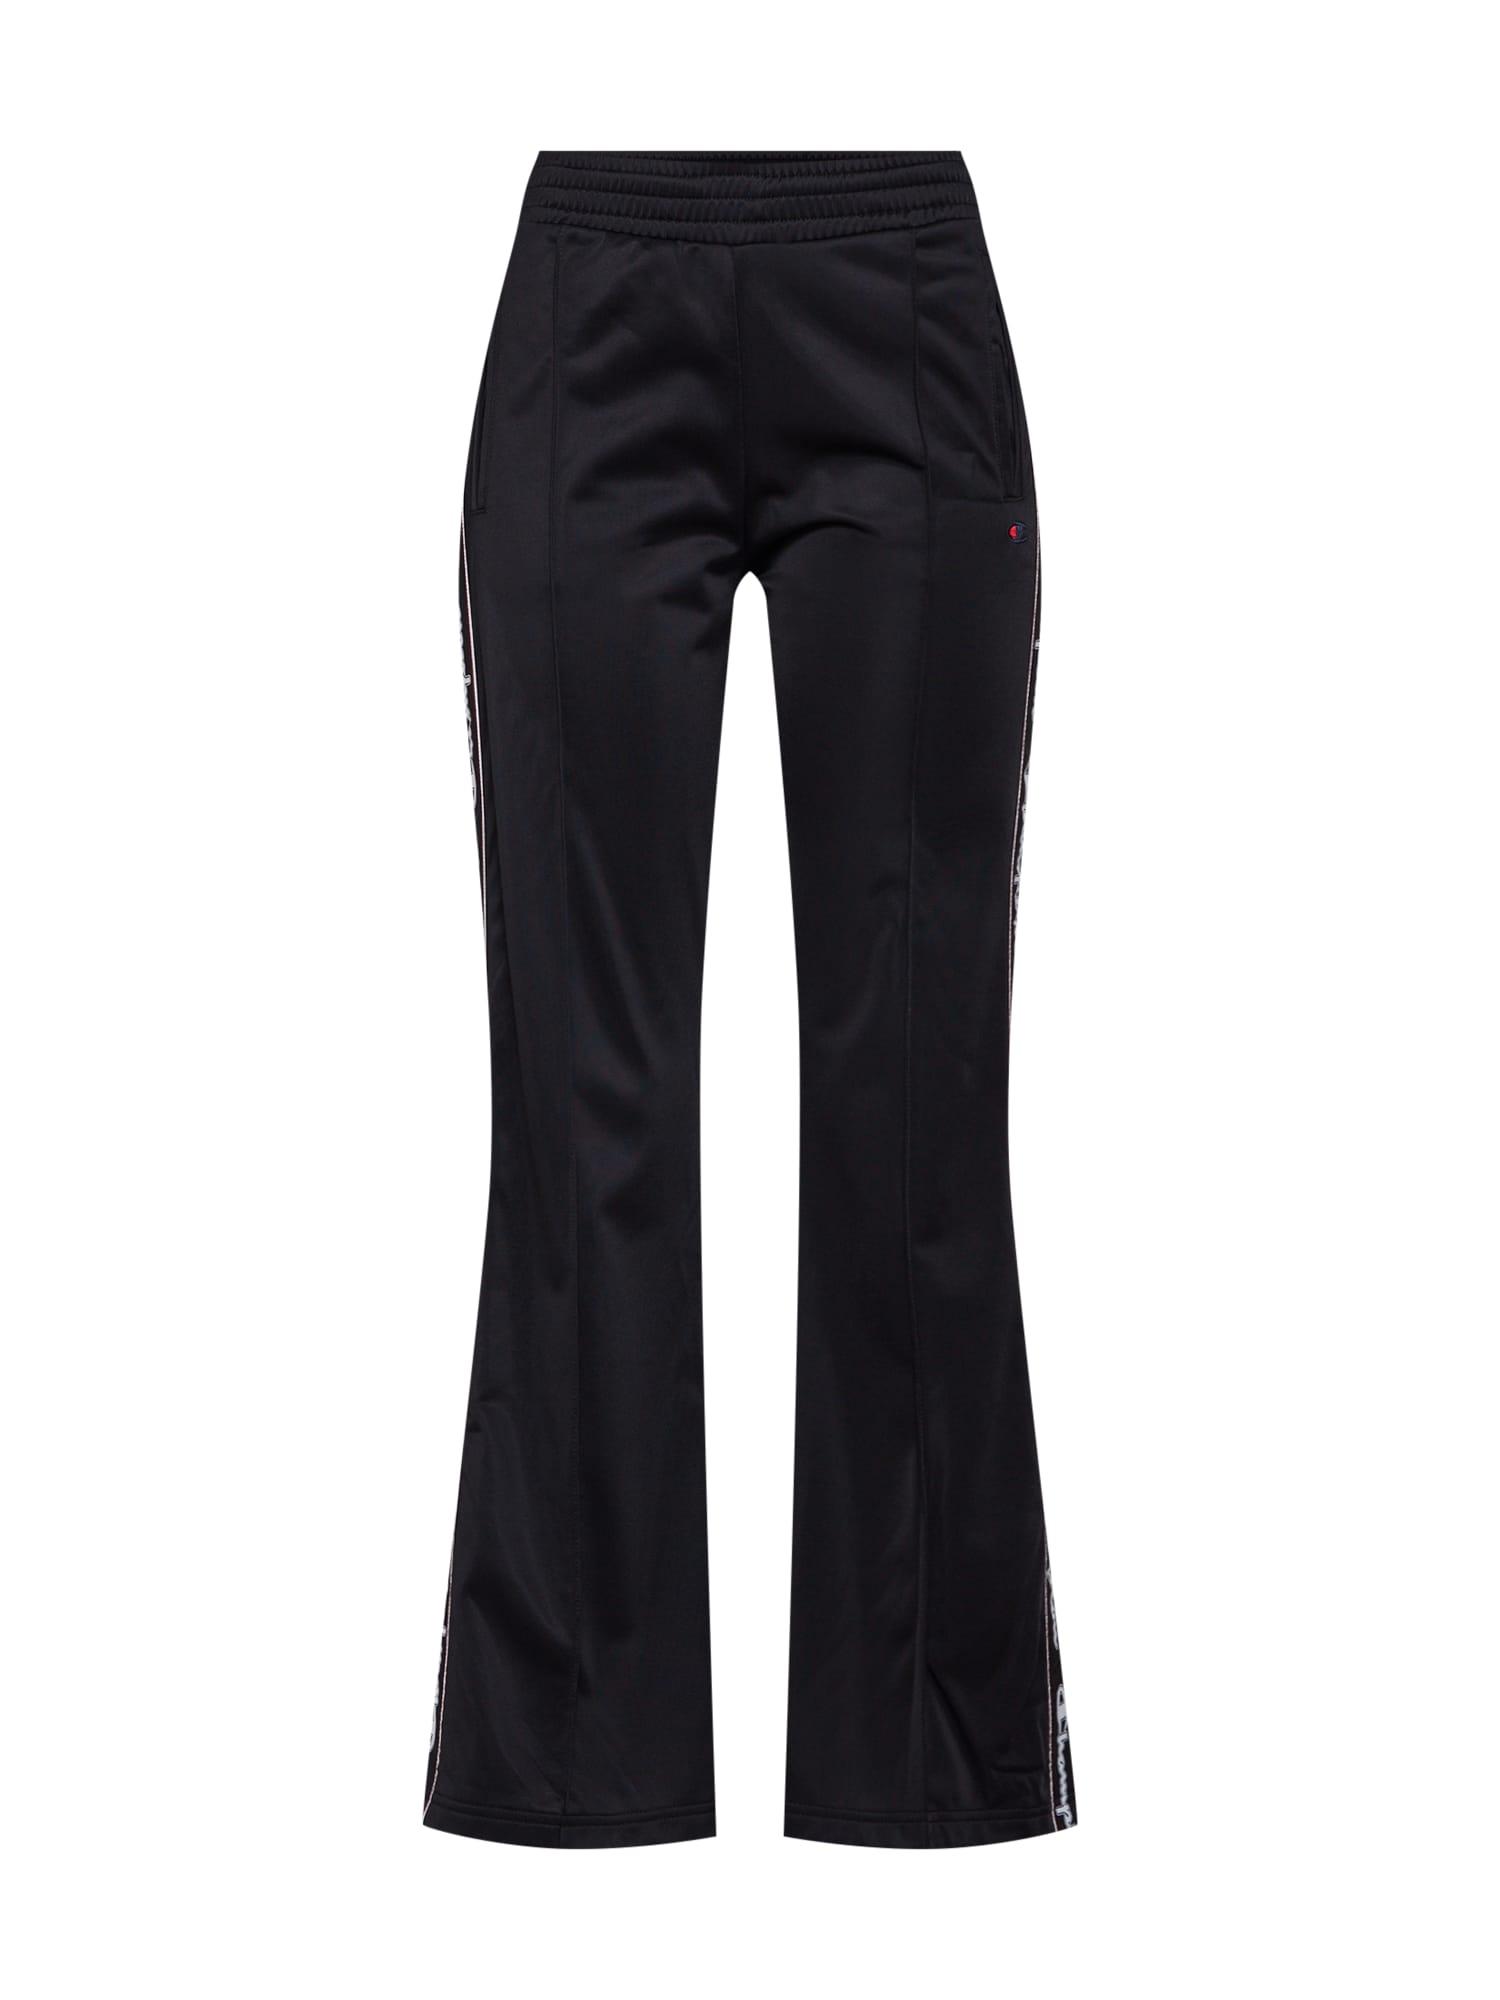 Kalhoty Straight Hem Pants Brand Manifesto černá bílá Champion Authentic Athletic Apparel